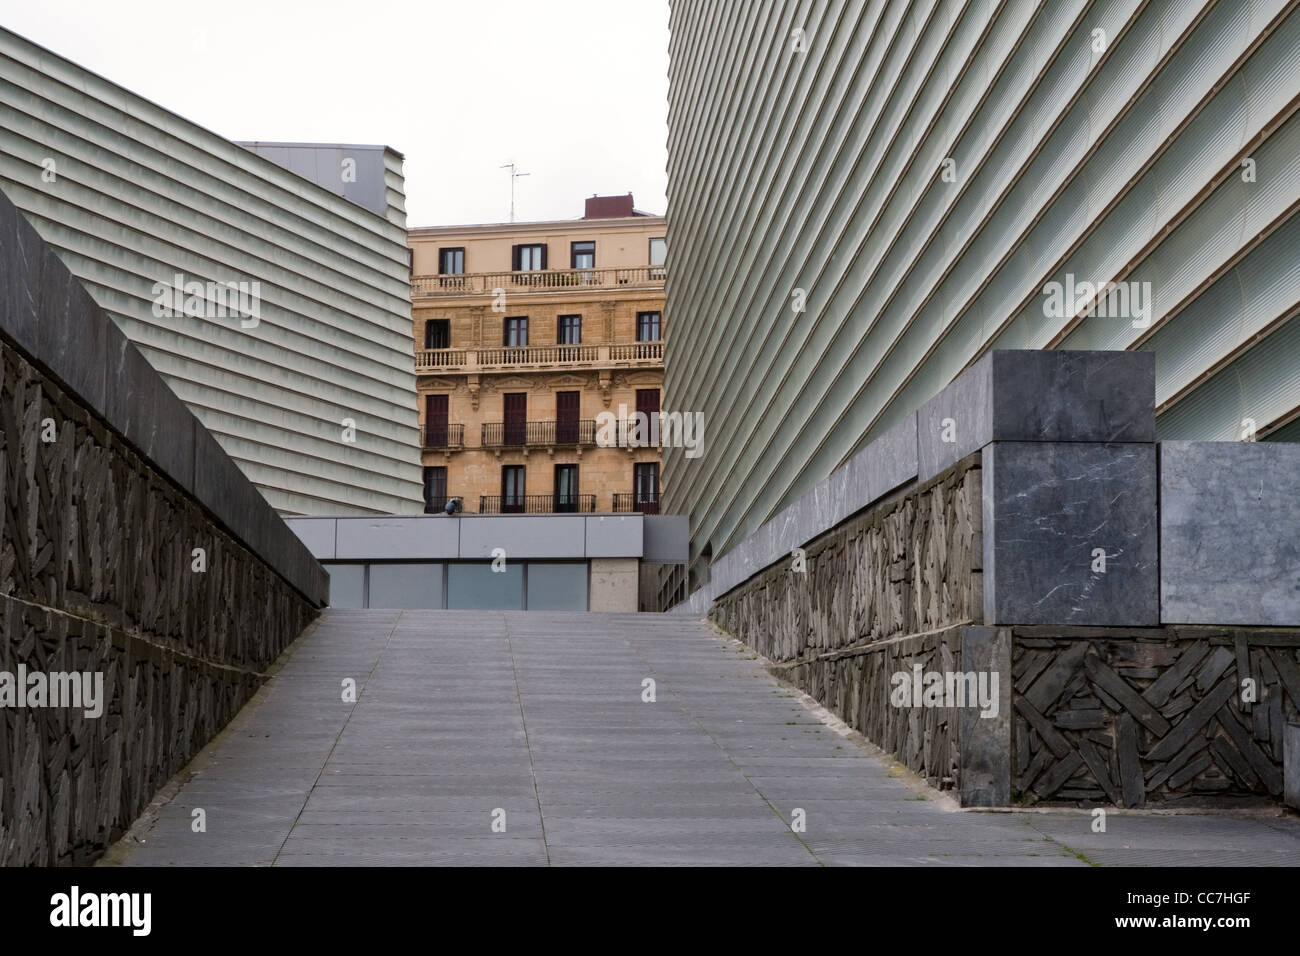 Kursaal Conference Centre (Palais de Congres) Donostia - San Sebastian Spain - Stock Image